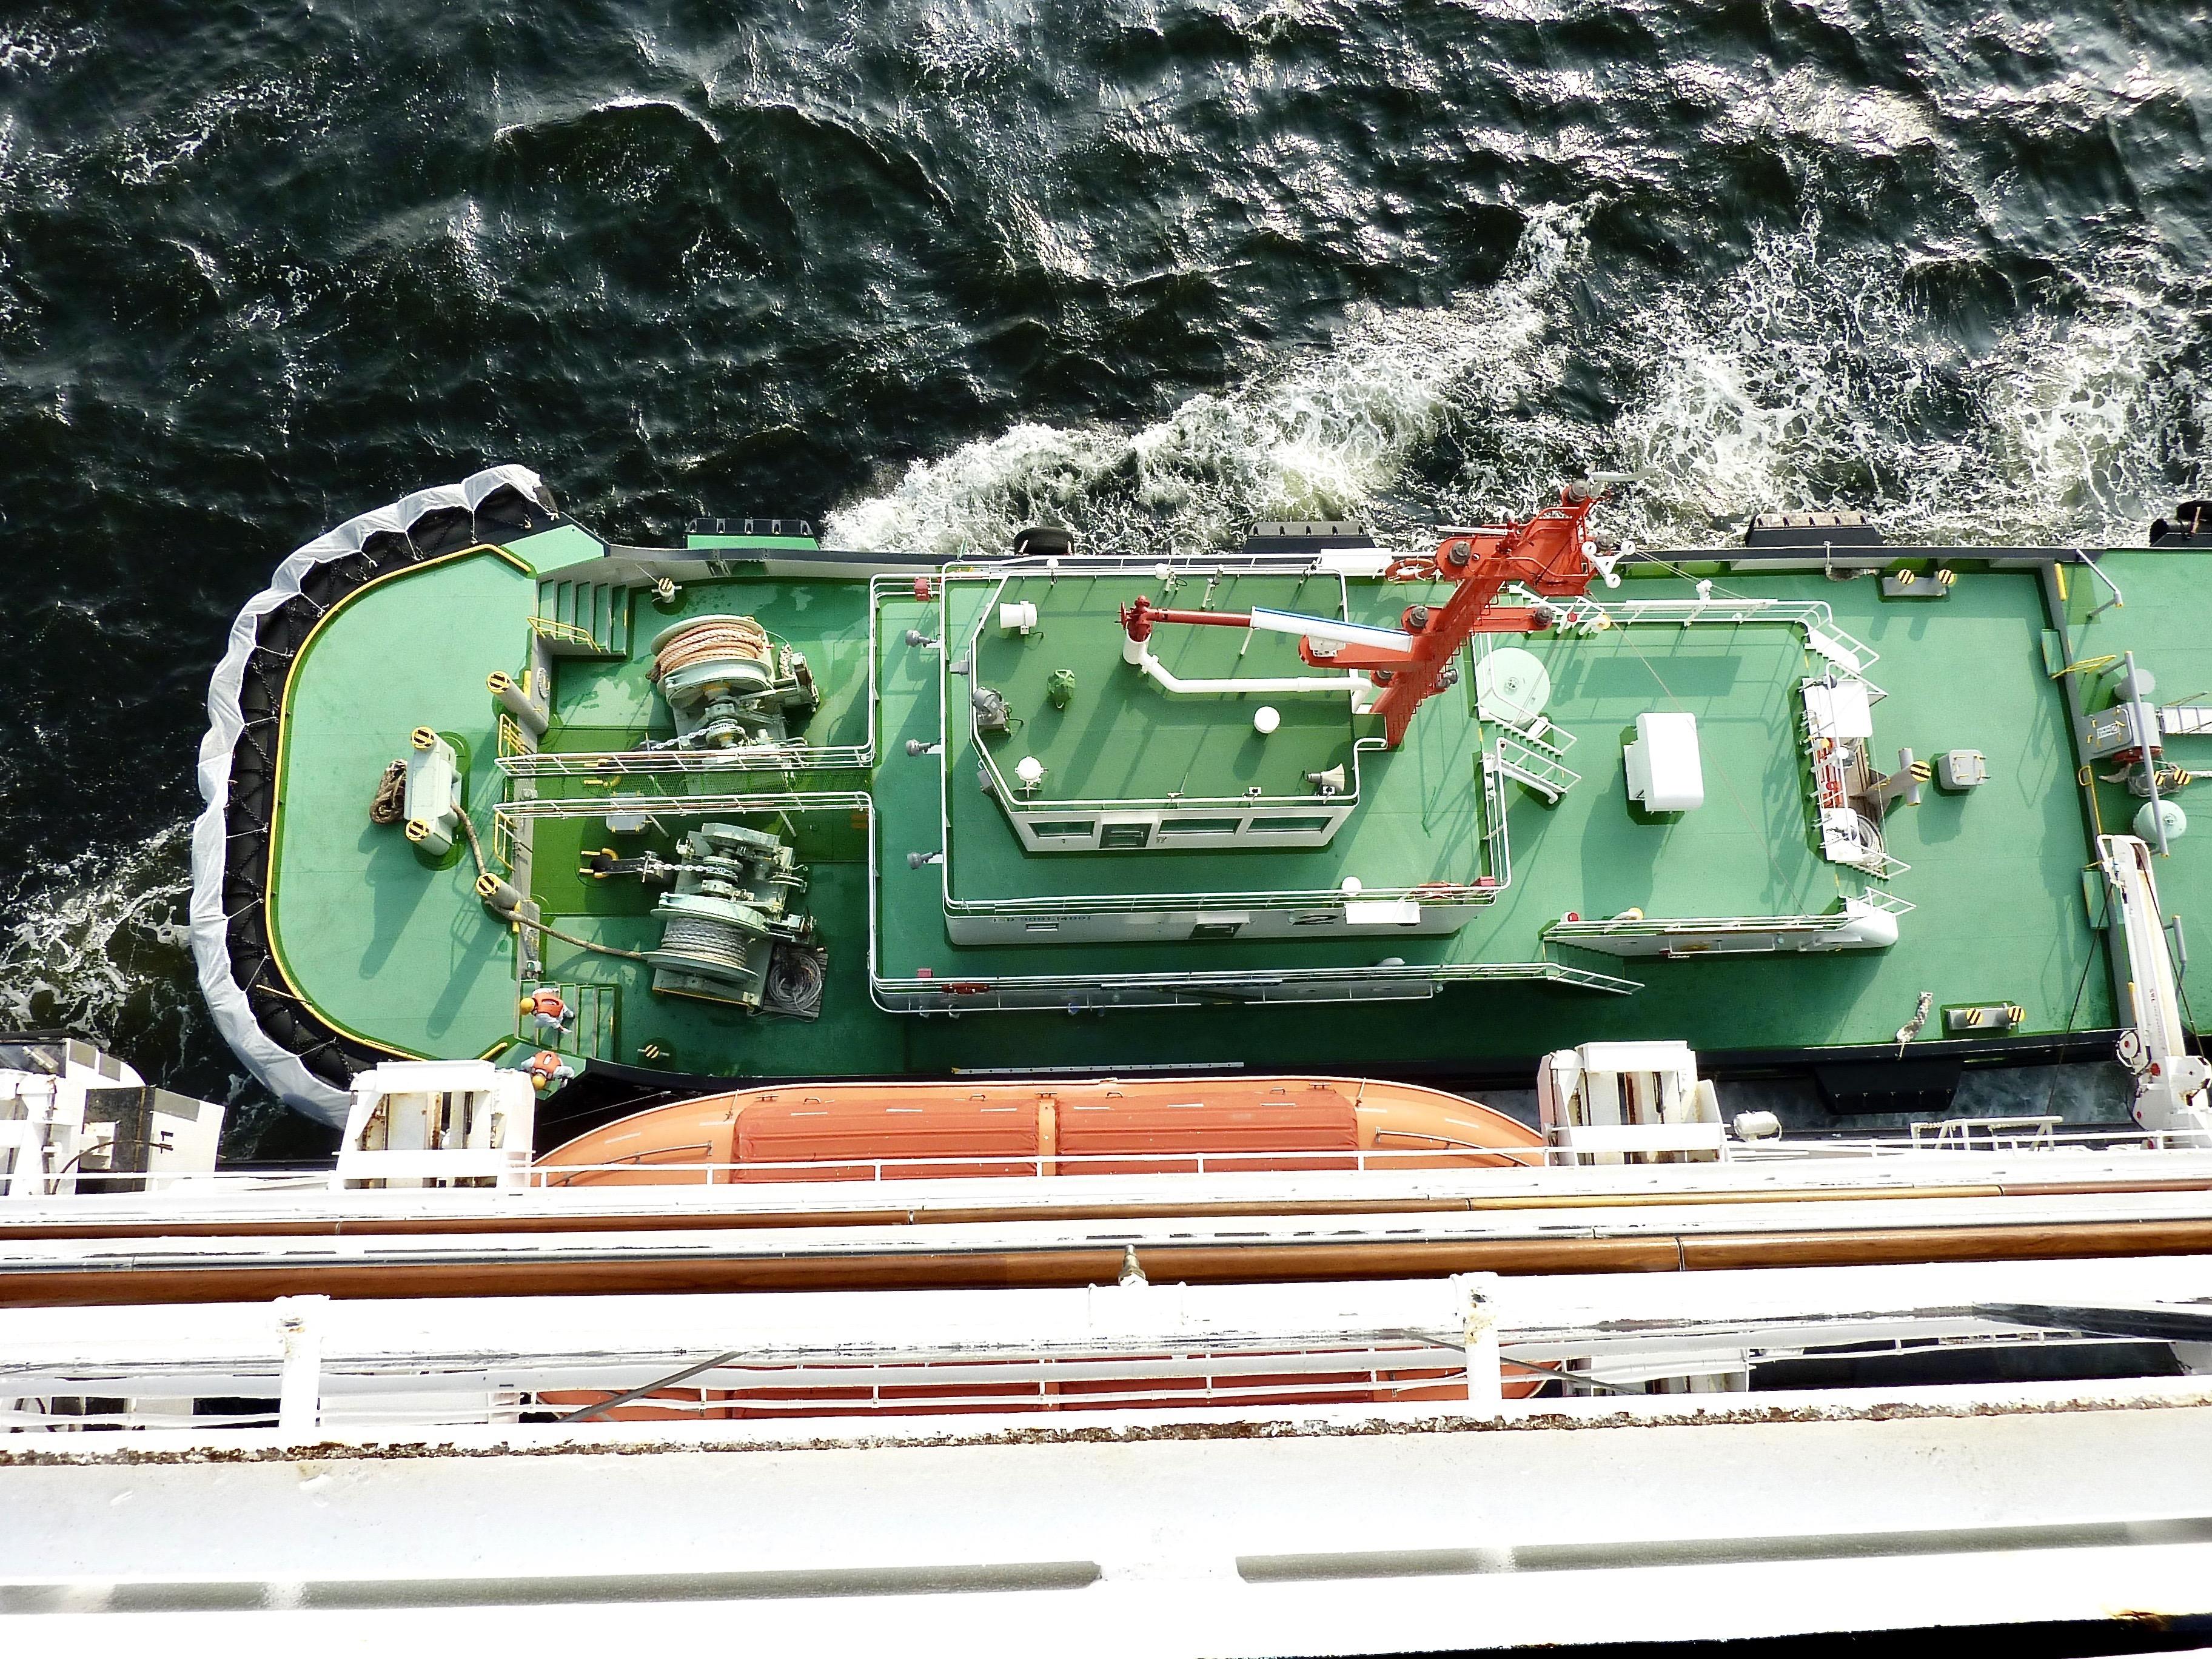 Yokohama Port Japan, Boat, Japan, Marine, Ocean, HQ Photo